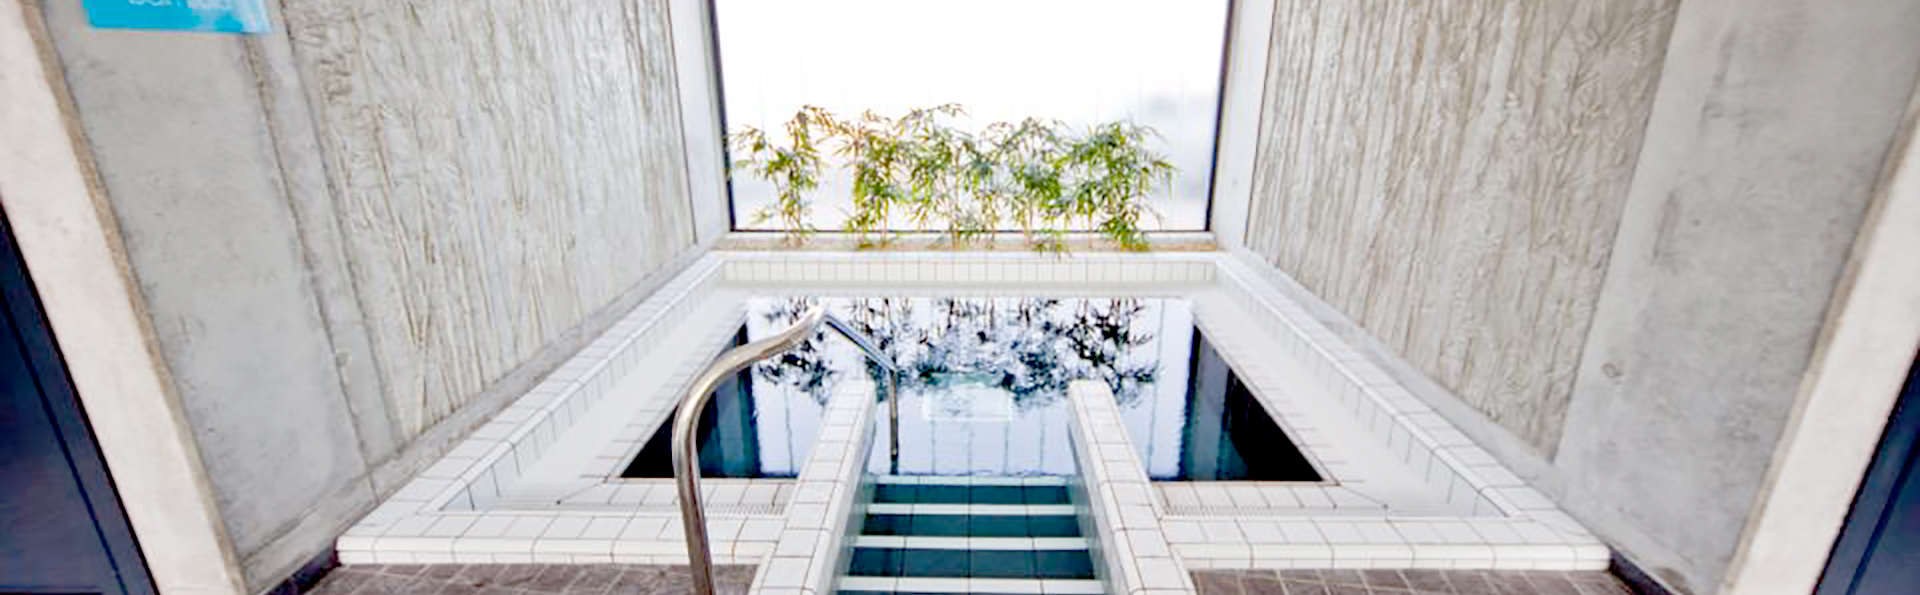 Hôtel Les Jardins d'Adalric - Obernai - Edit_Pool4.jpg